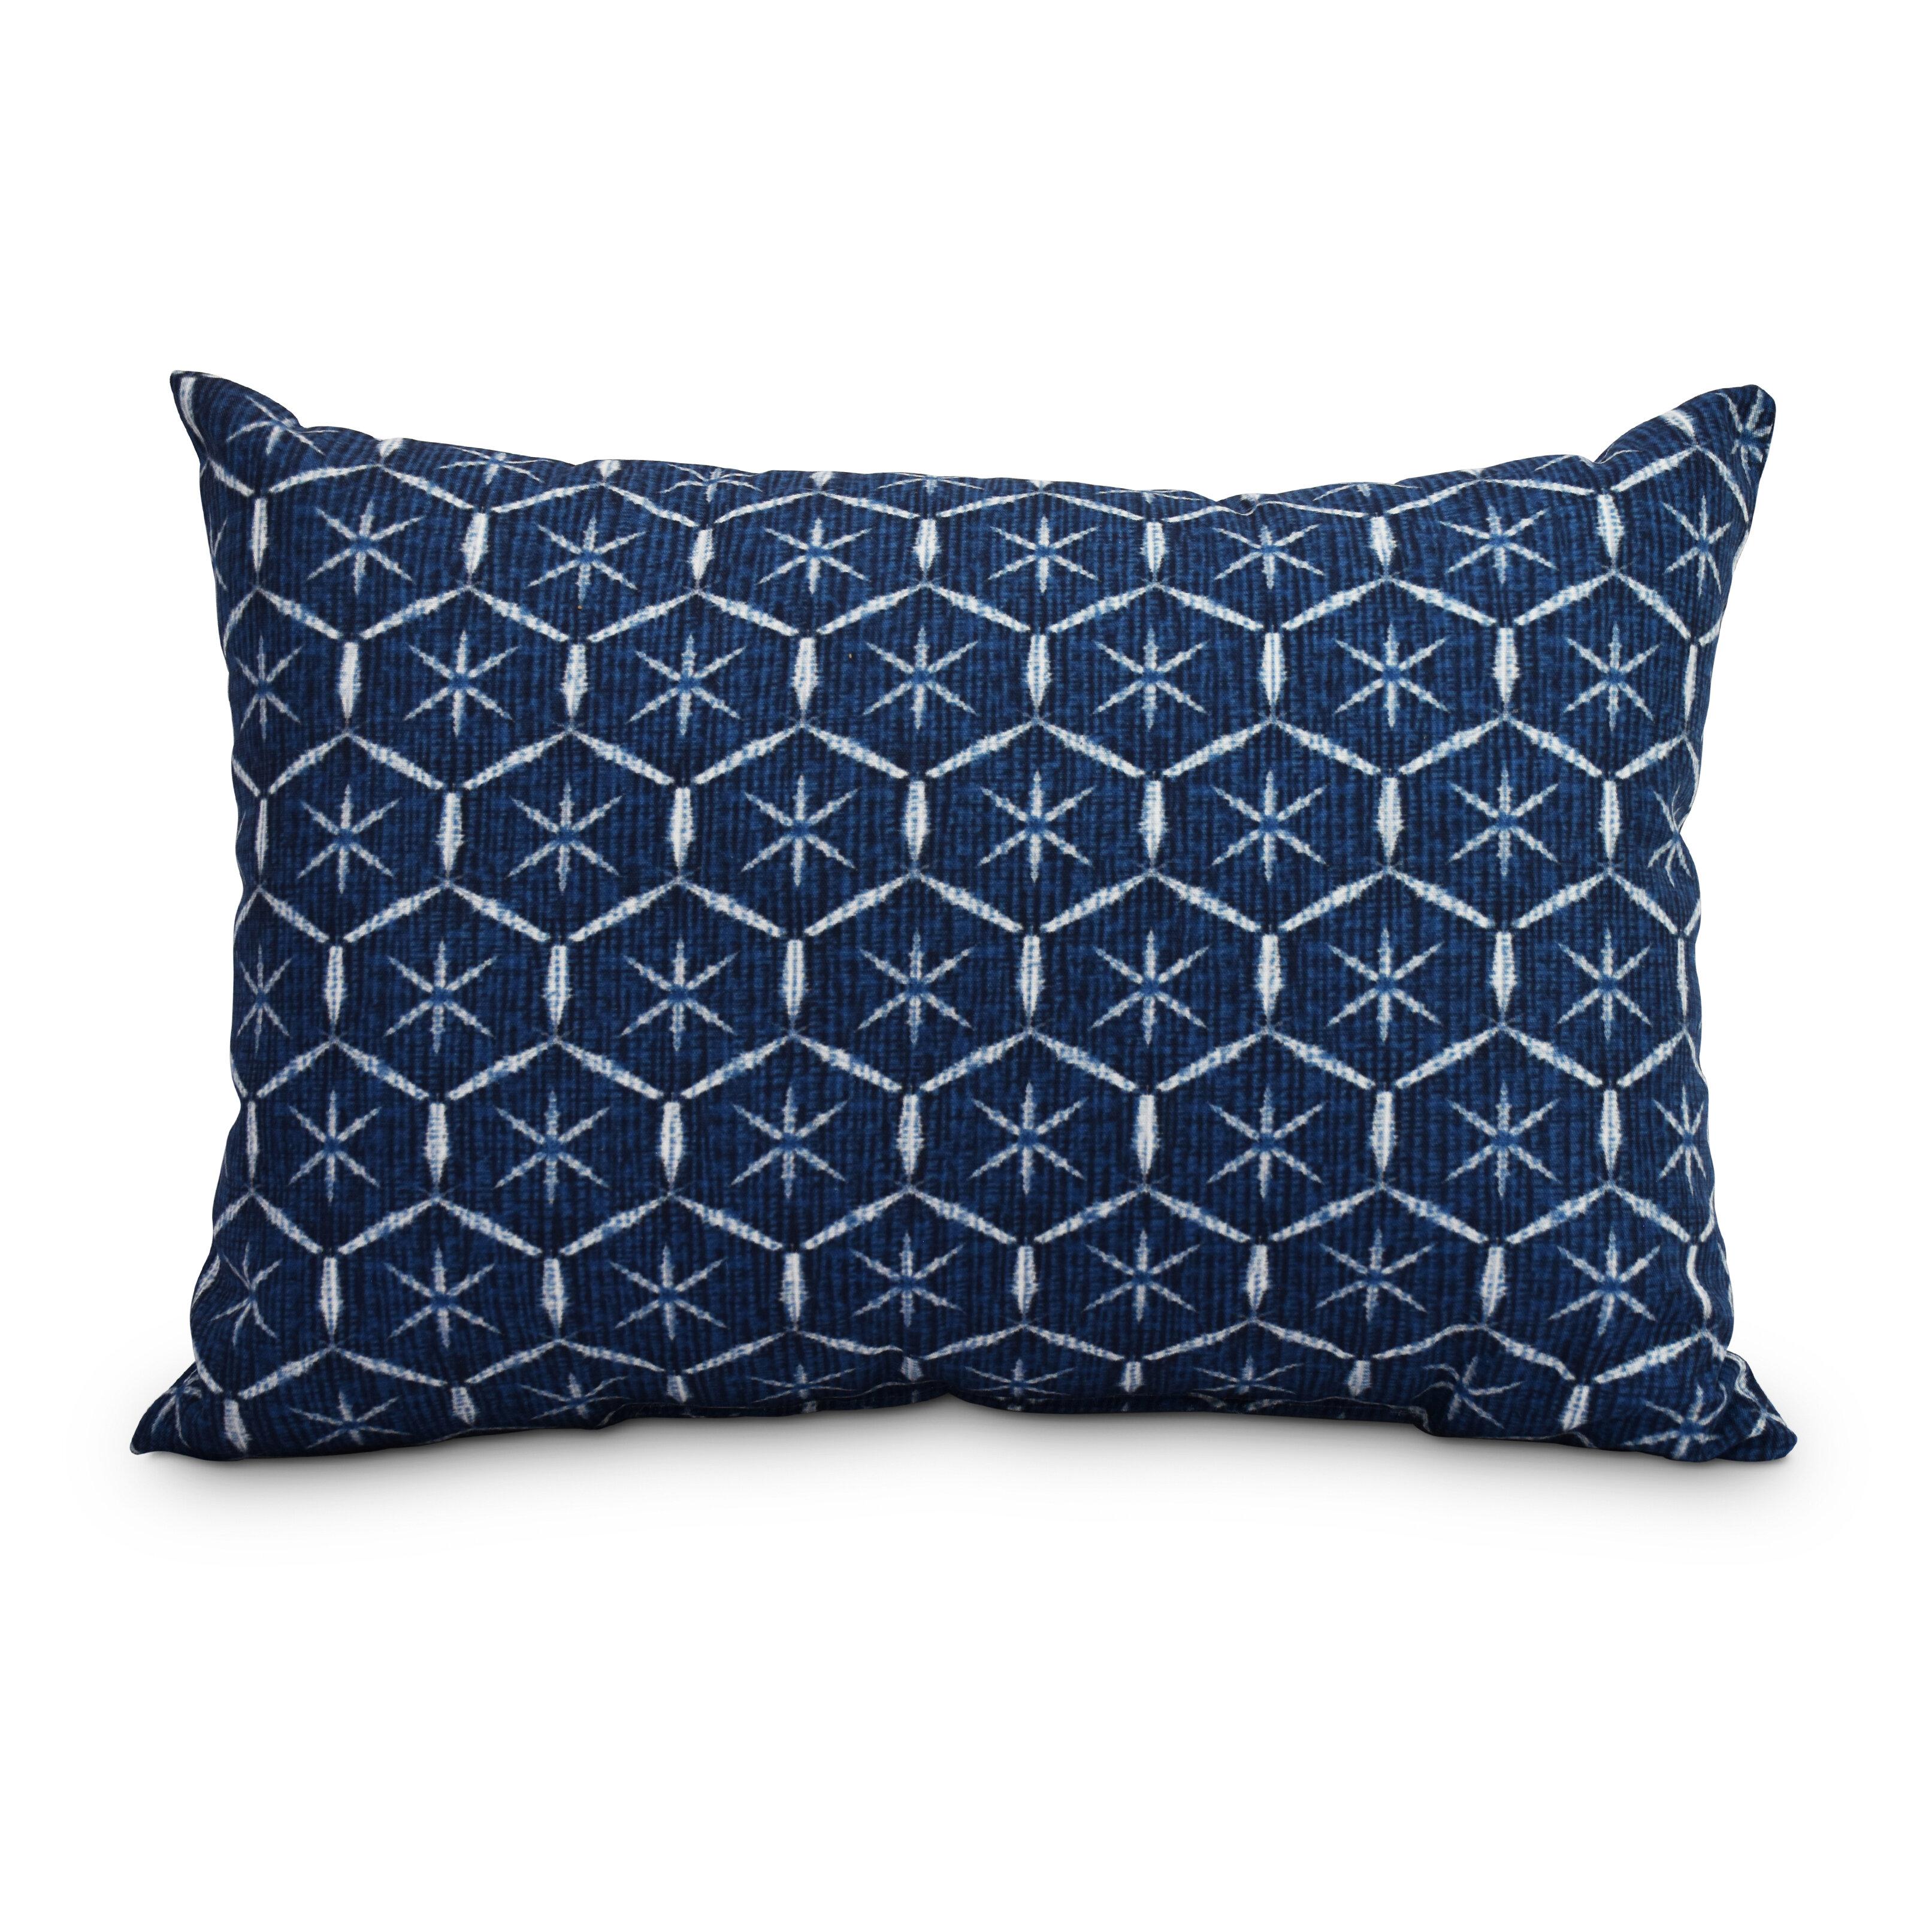 Wrought Studio Pankratz Tufted Abstract Decorative Indoor Outdoor Lumbar Pillow Wayfair